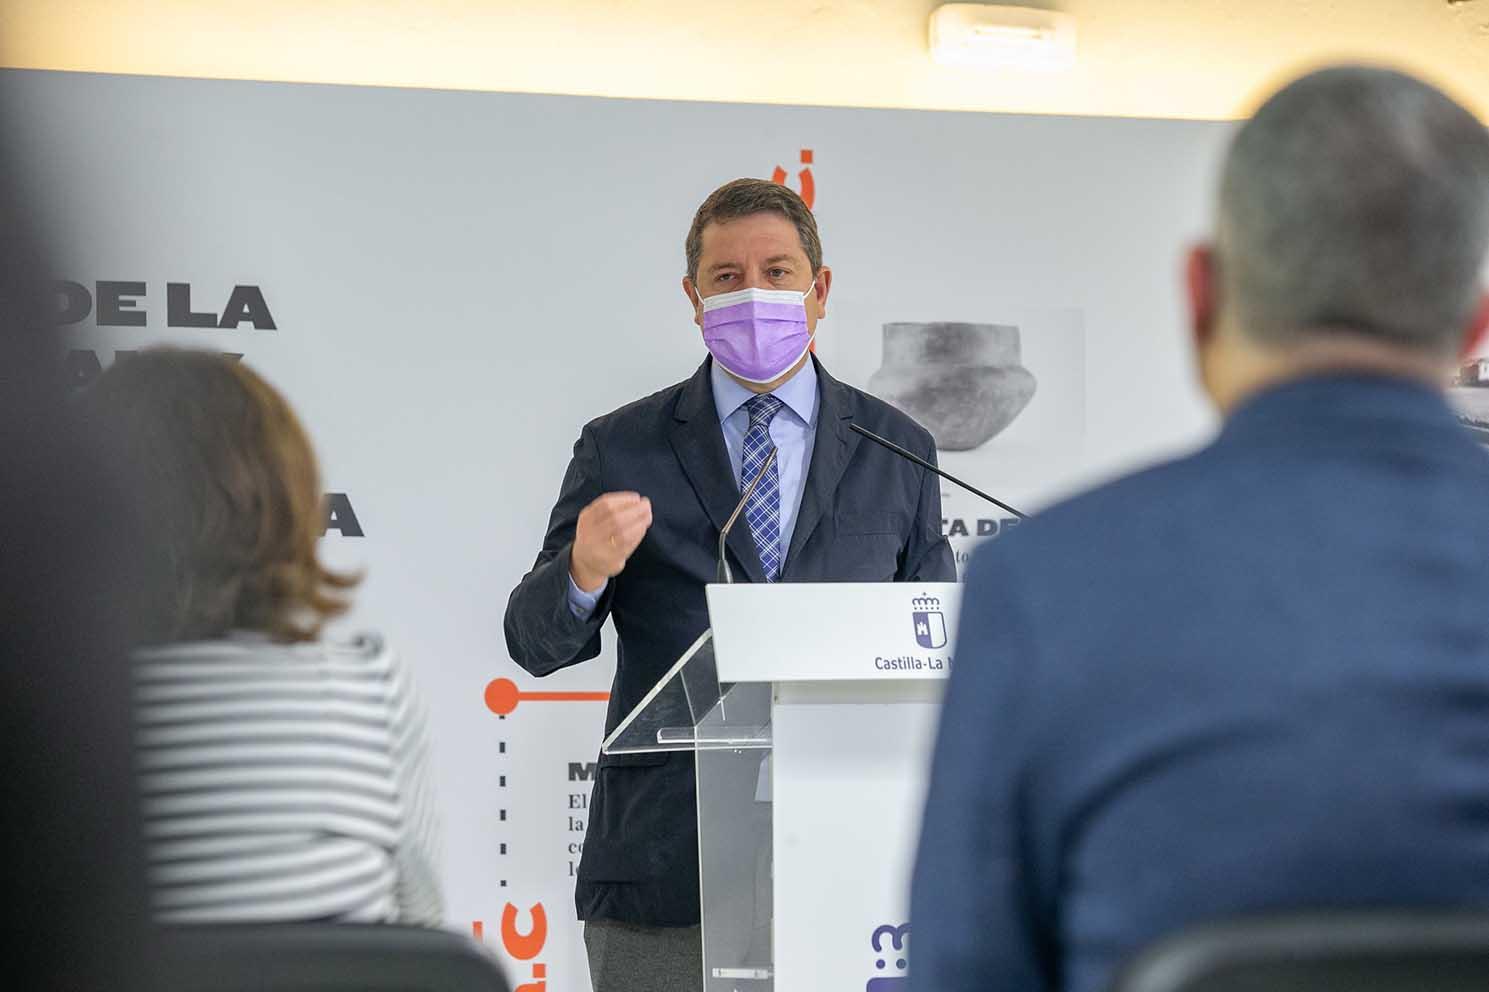 El presidente de Castilla-La Mancha, Emiliano García-Page, en la inauguración del Centro de Recepción de Visitantes.